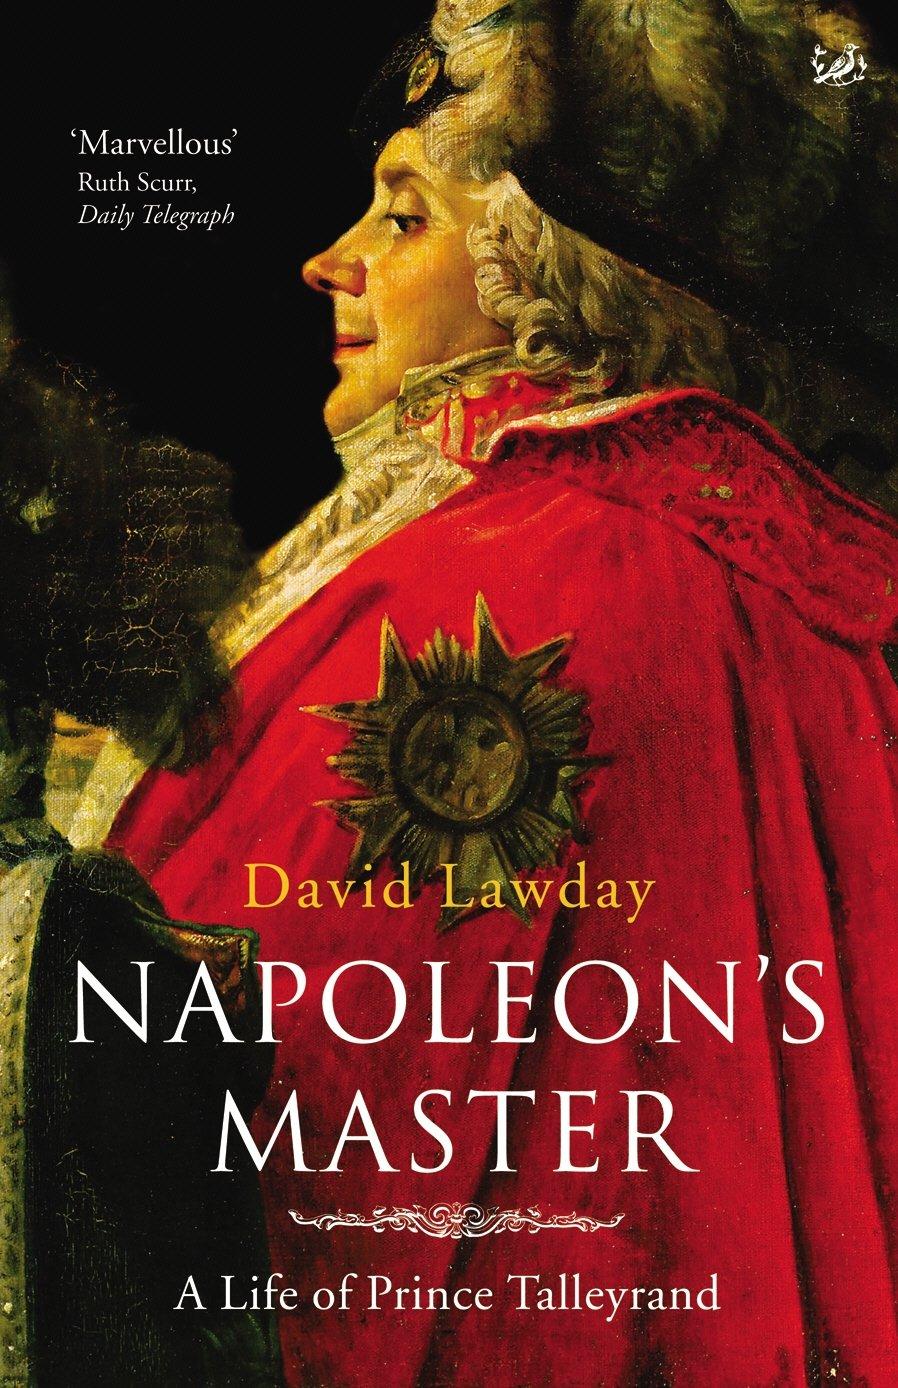 Napoleons Master: A Life of Prince Talleyrand: Amazon.es: Lawday, David: Libros en idiomas extranjeros